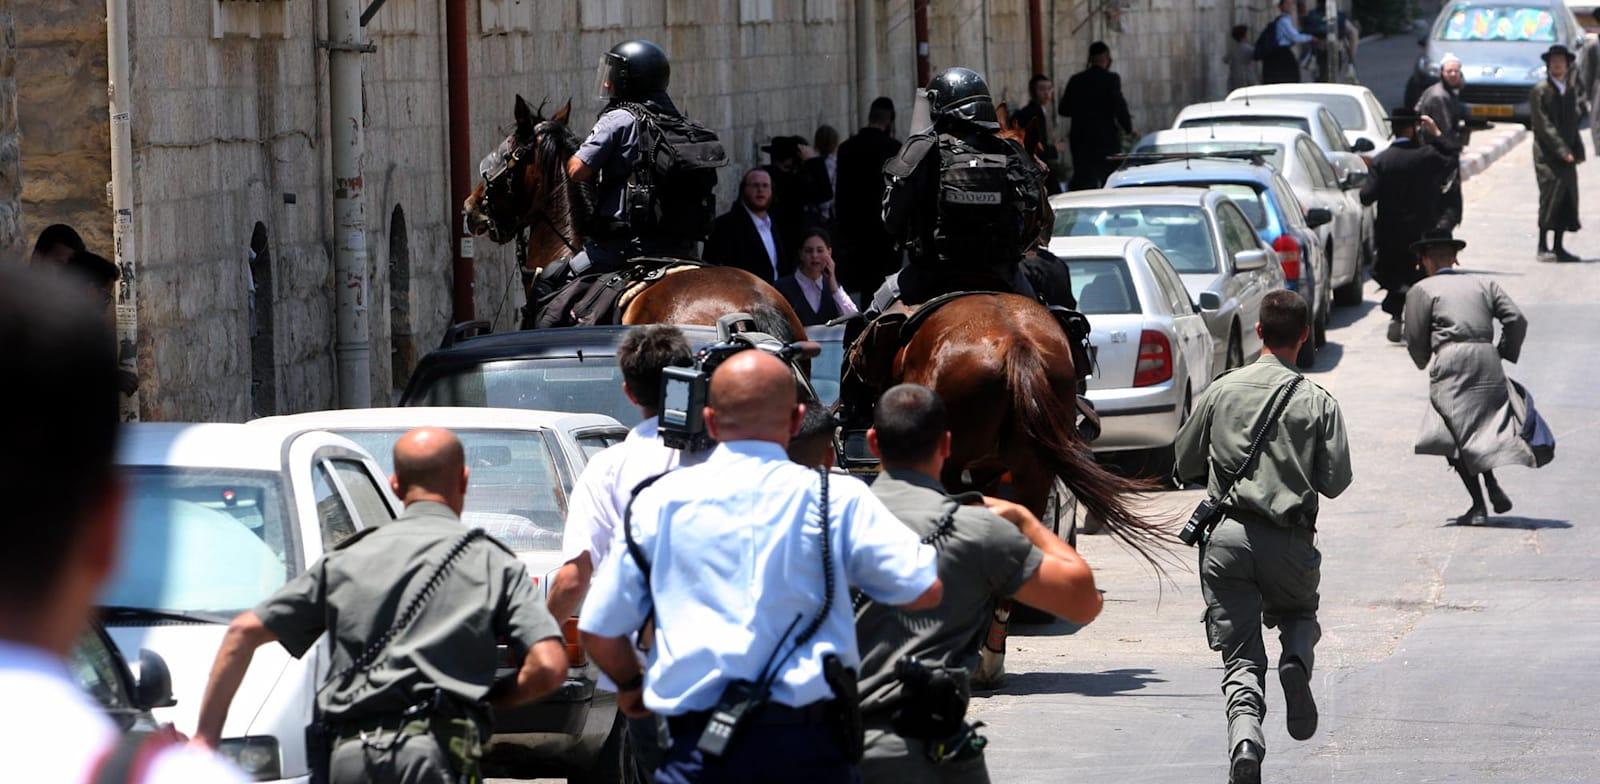 שוטרים בשכונת מאה שערים בירושלים / צילום: אוריה תדמור